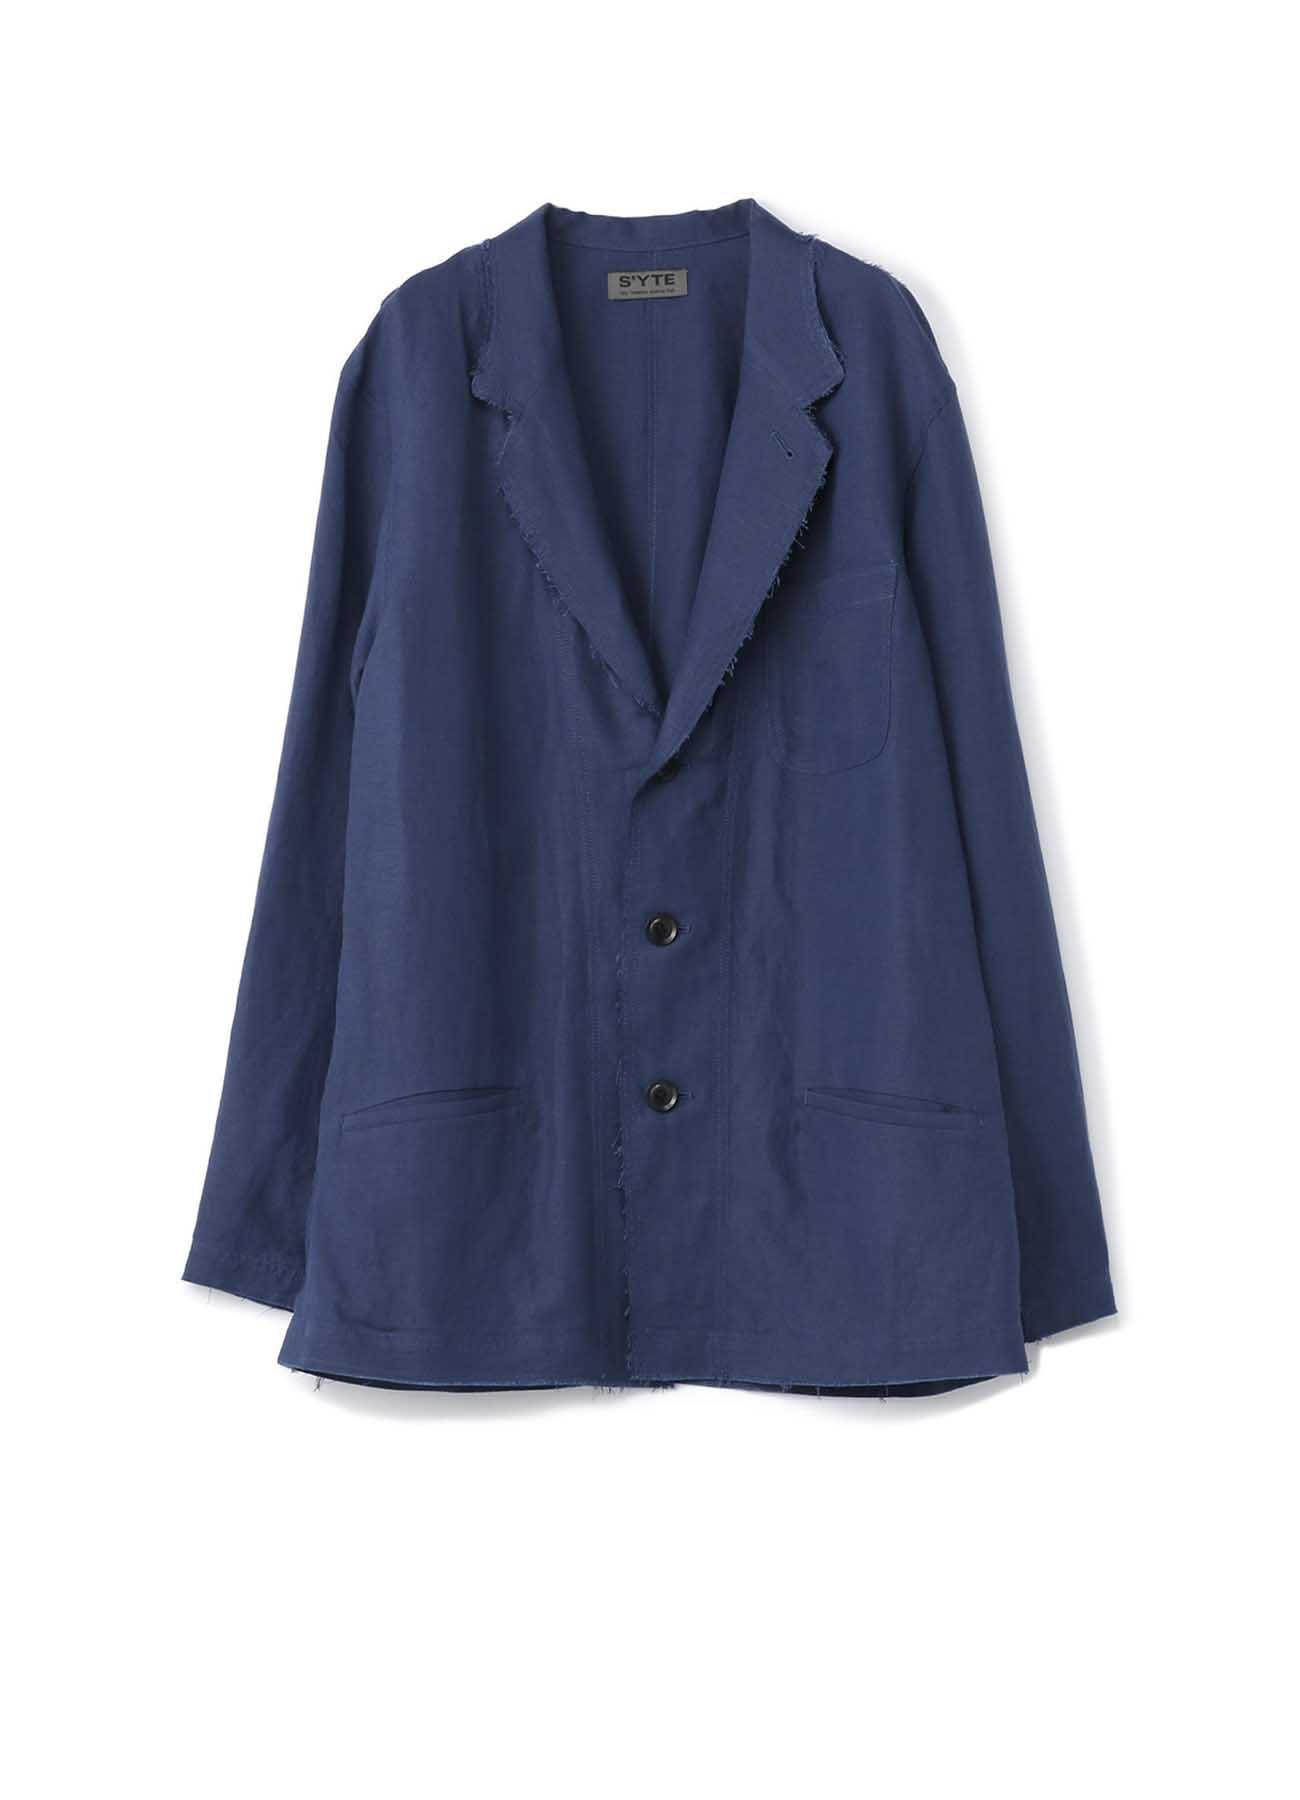 人造丝亚麻轻松交叉3BS量身定制衬衫夹克